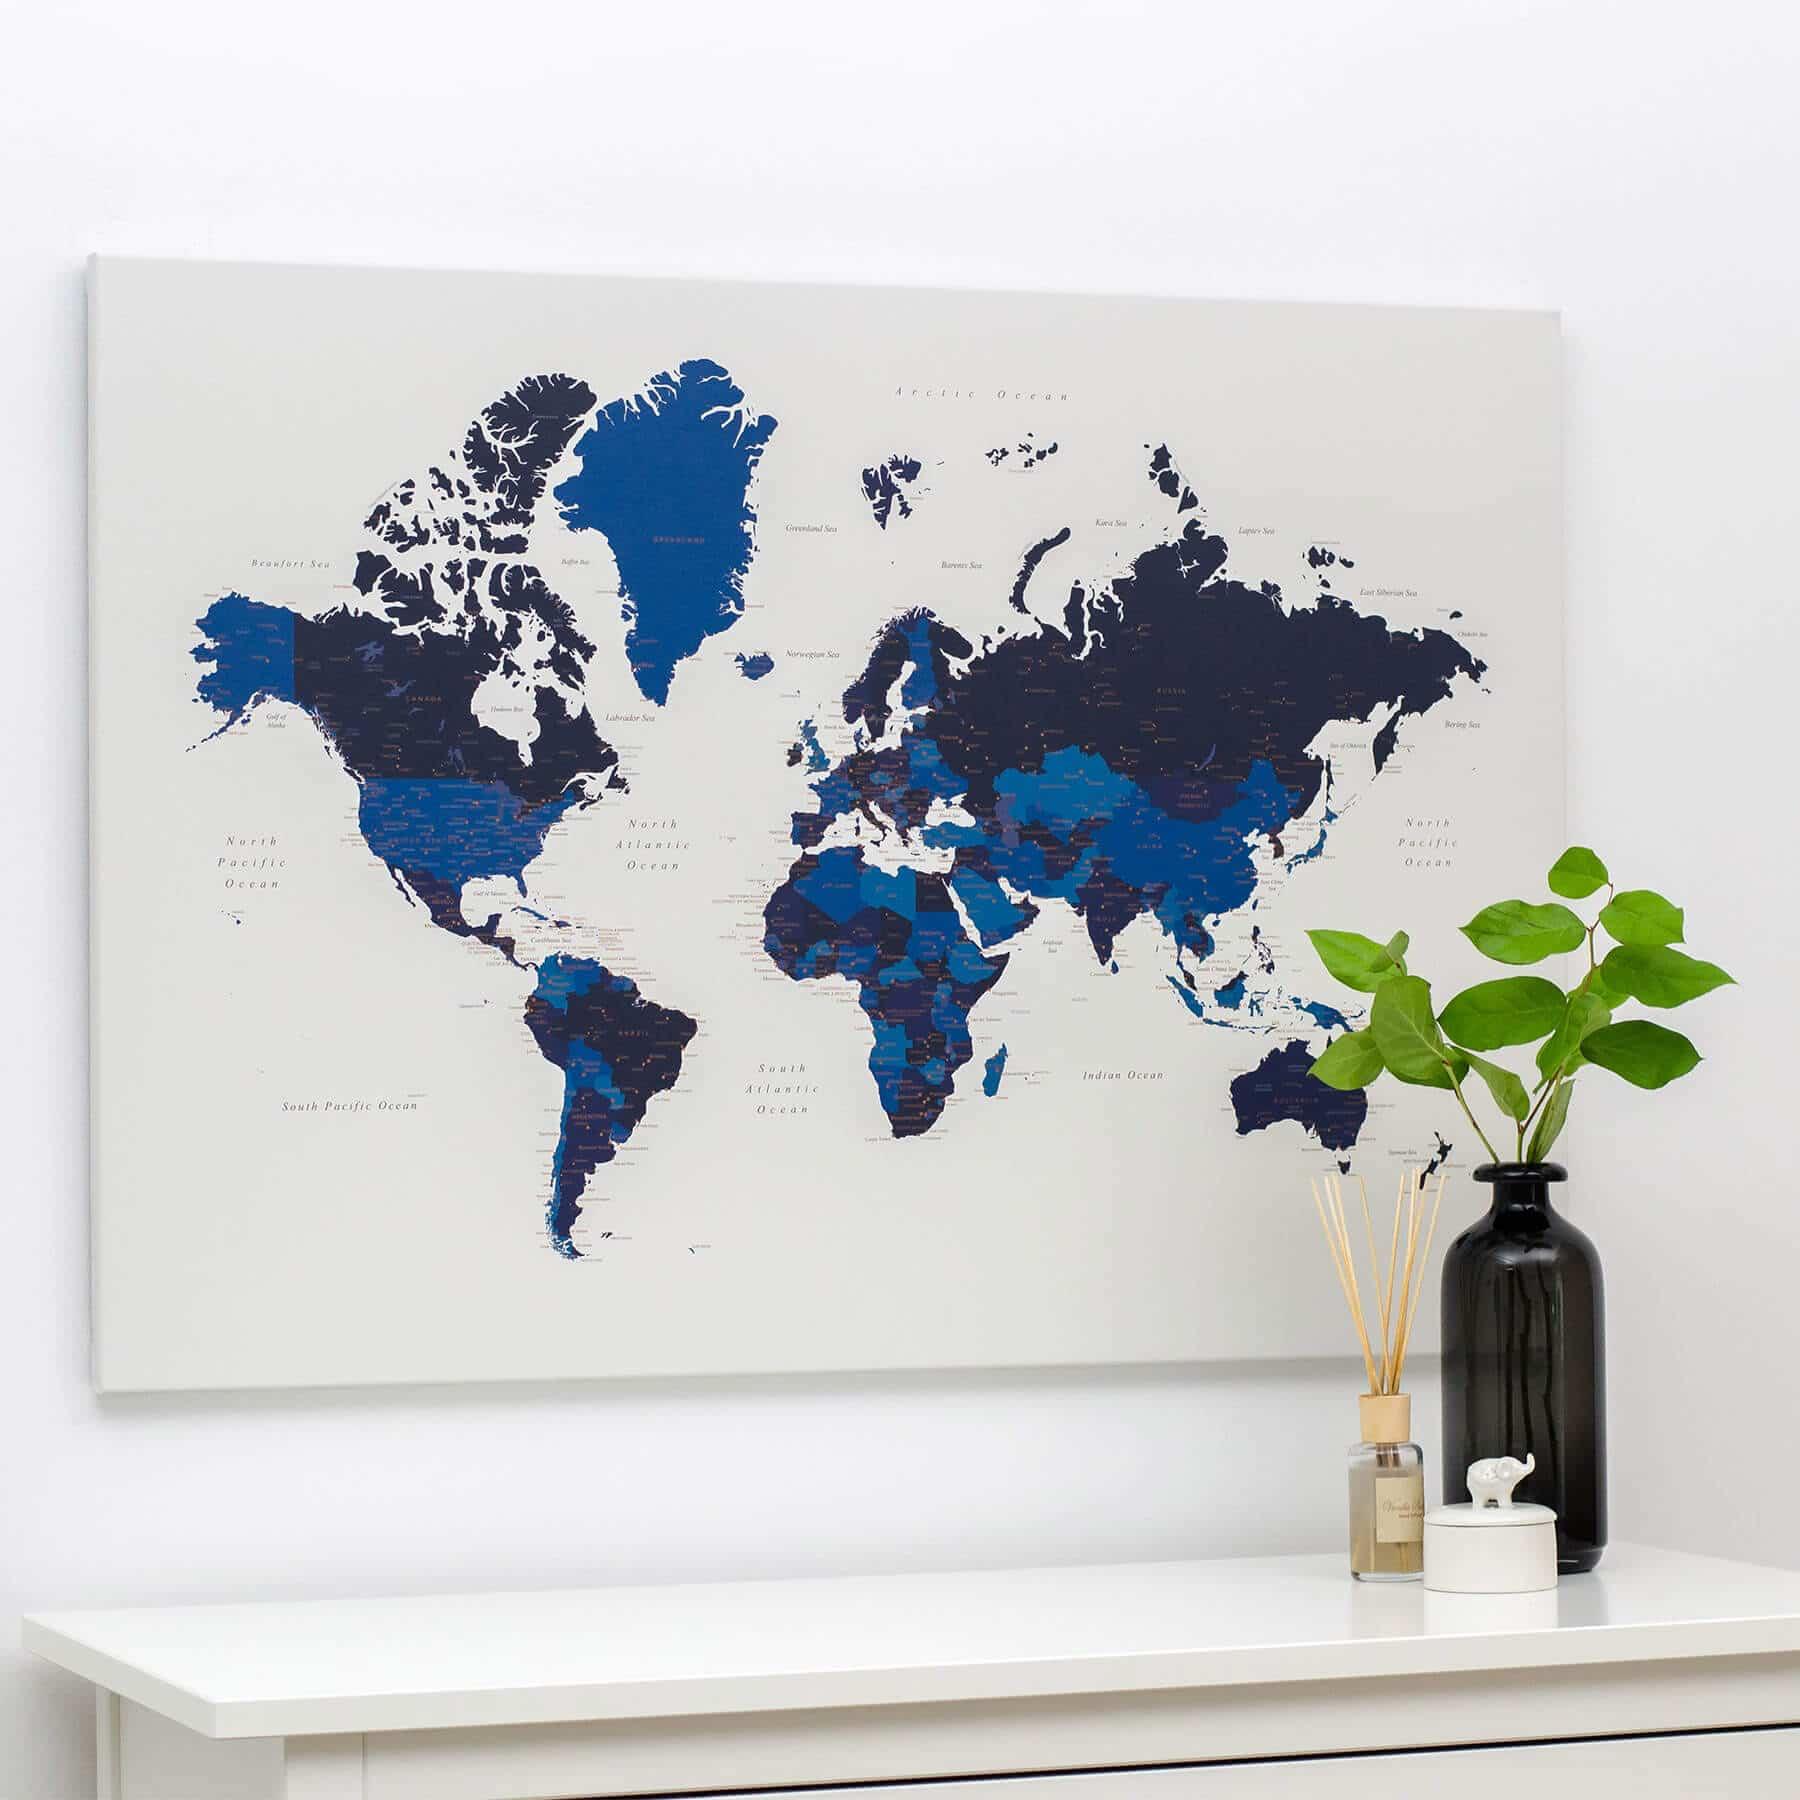 Full Size of Welt Pinnwand Karte Marineblau Moderne Esstische Deckenleuchte Schlafzimmer Modern Esstisch Bett Design Duschen Wohnzimmer Bilder Modernes 180x200 Fürs Wohnzimmer Pinnwand Modern